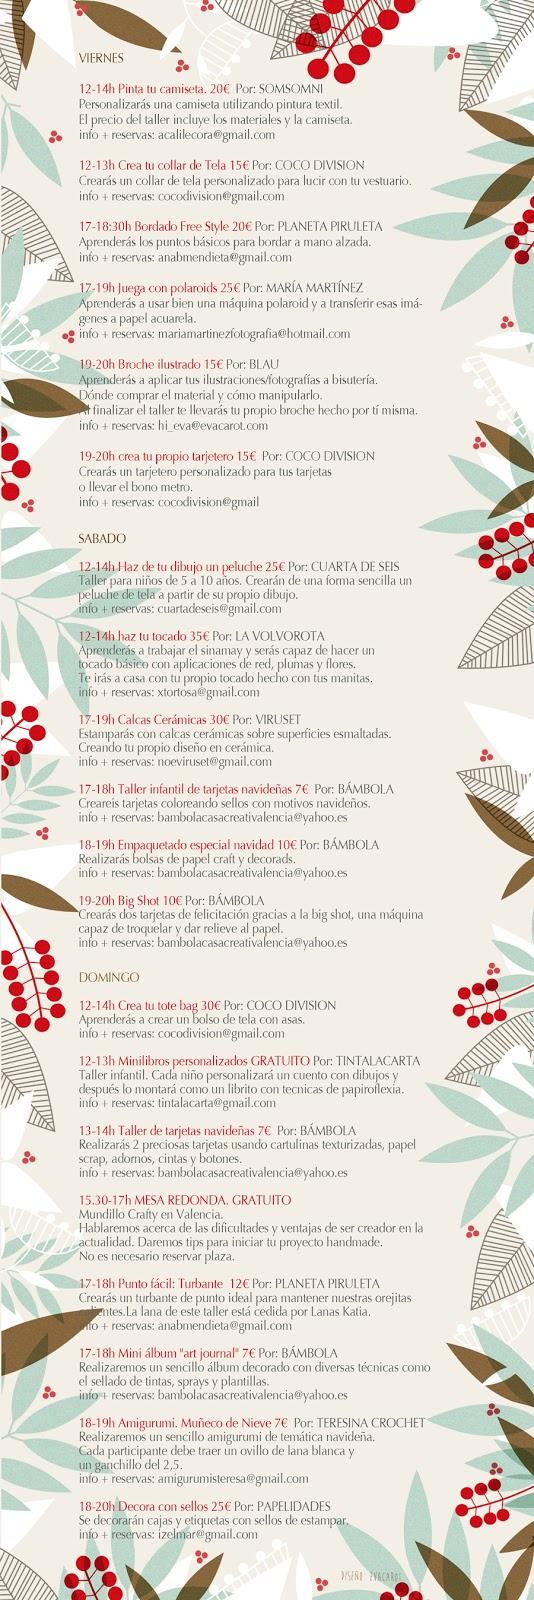 talleres La Fireta